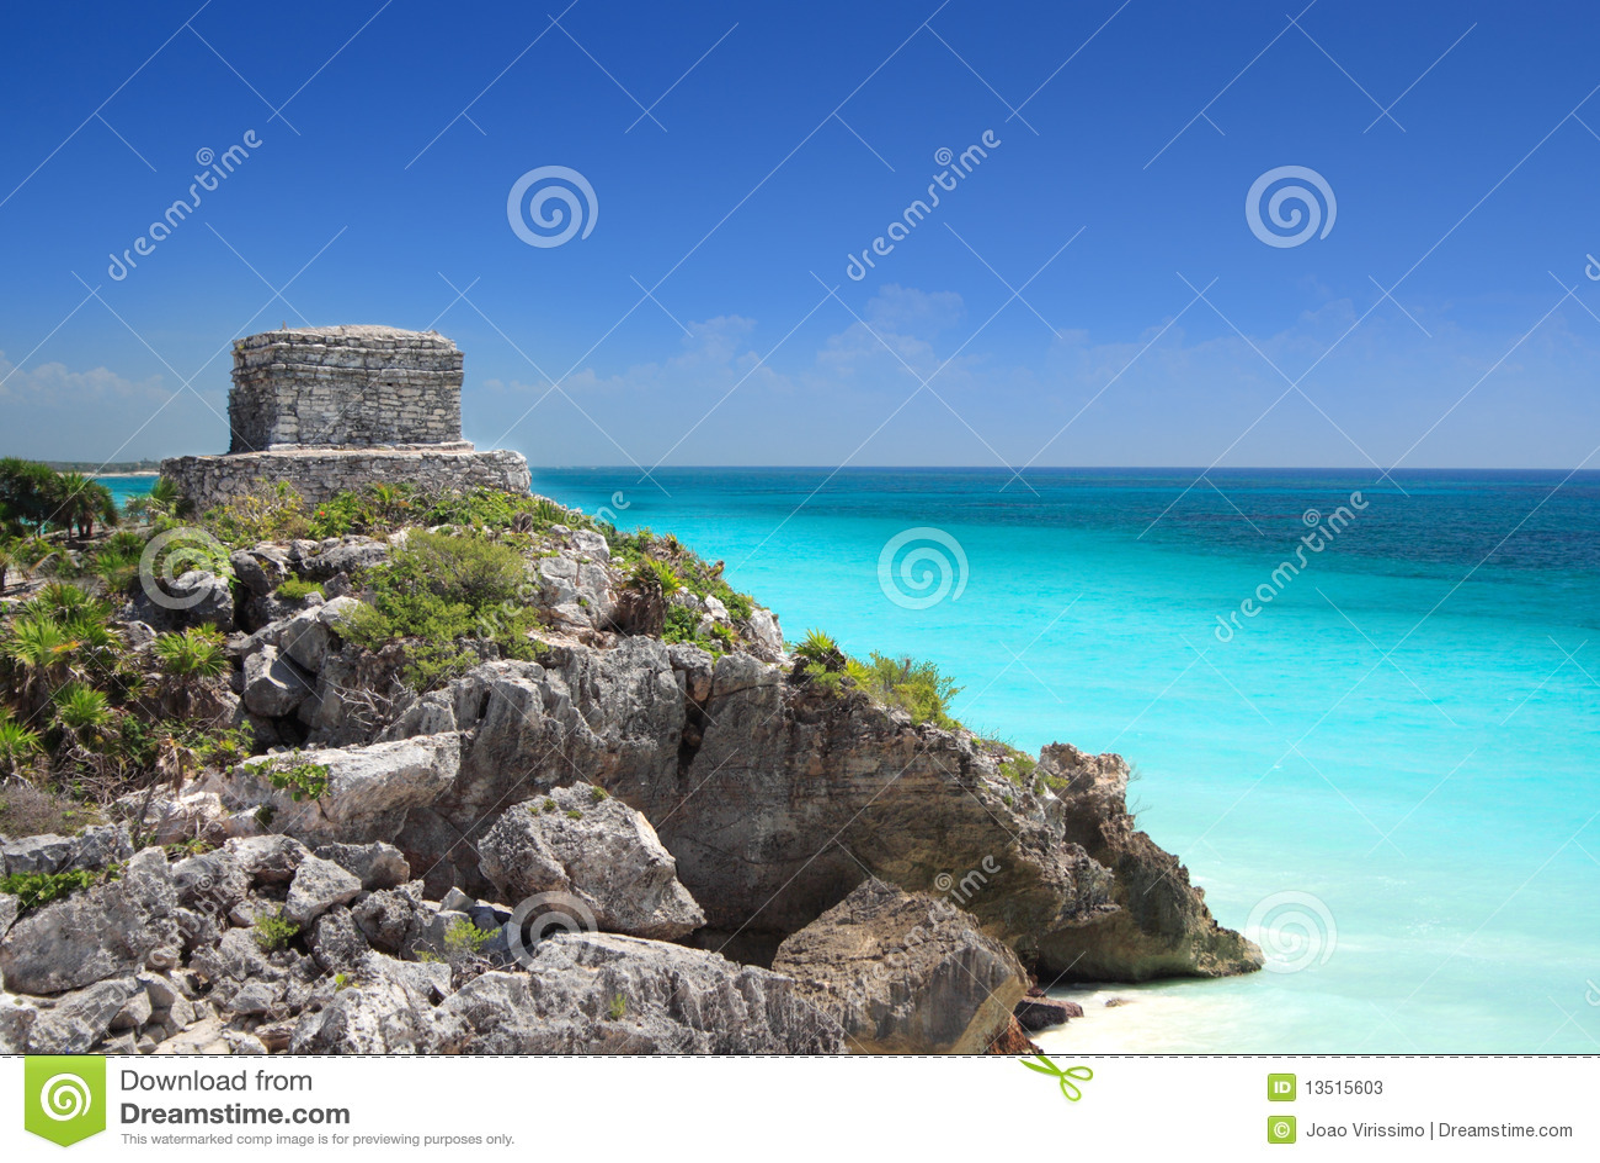 Mayan ruin at Tulum near Cancun, Mexico